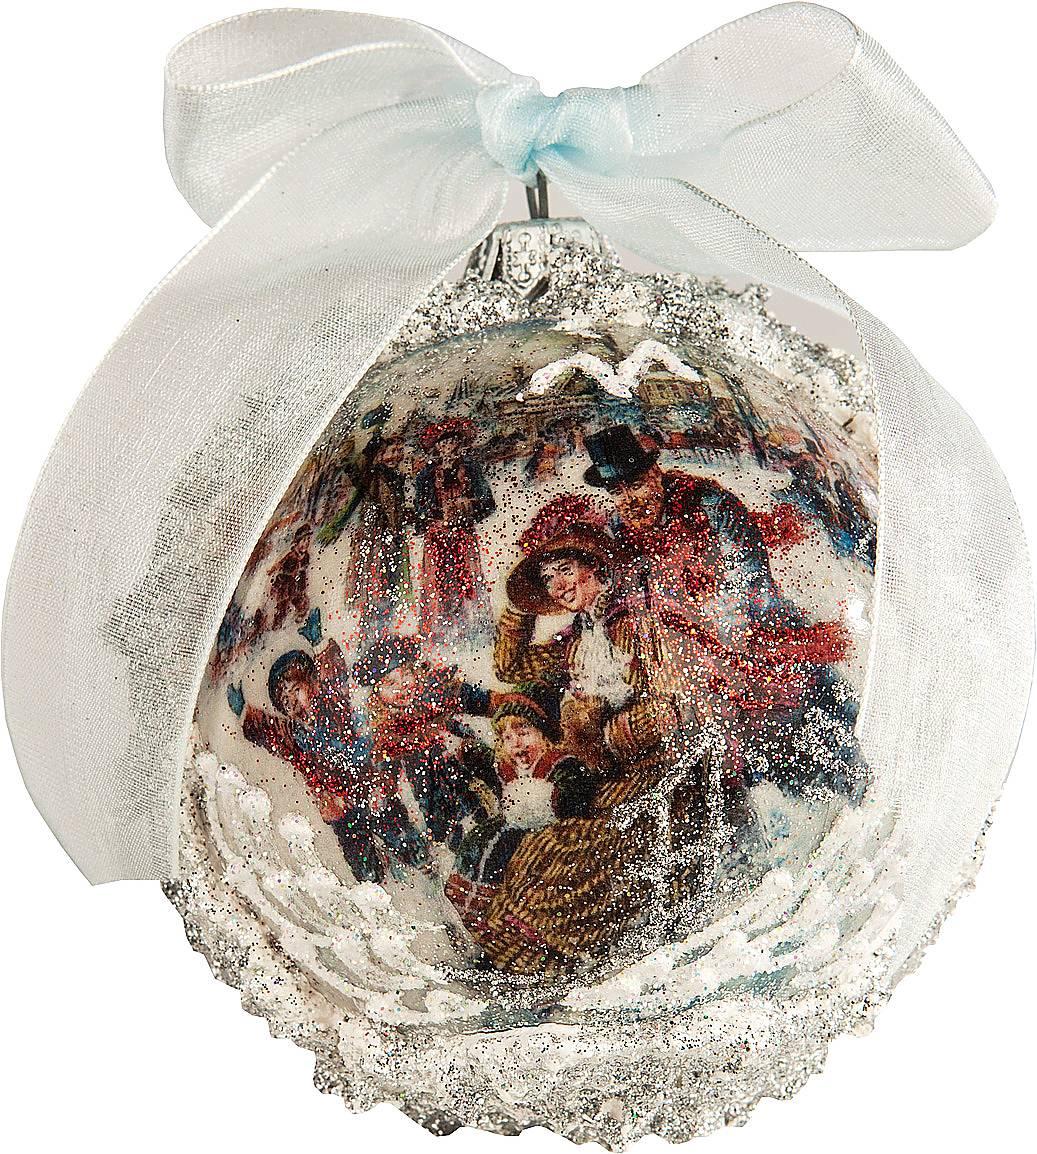 Украшение новогоднее подвесное Mister Christmas Коллекционный шар, диаметр 8 см74899Подвесное украшение Mister Christmas Коллекционный шар имеет оригинальный дизайн и превосходное исполнение. Изделие выполнено из ПВХ. В качестве дополнительного декора были использованы блестки. Для удобного размещения на елке предусмотрена петелька.Такое украшение станет замечательным новогодним подарком, который никого не оставит равнодушным.